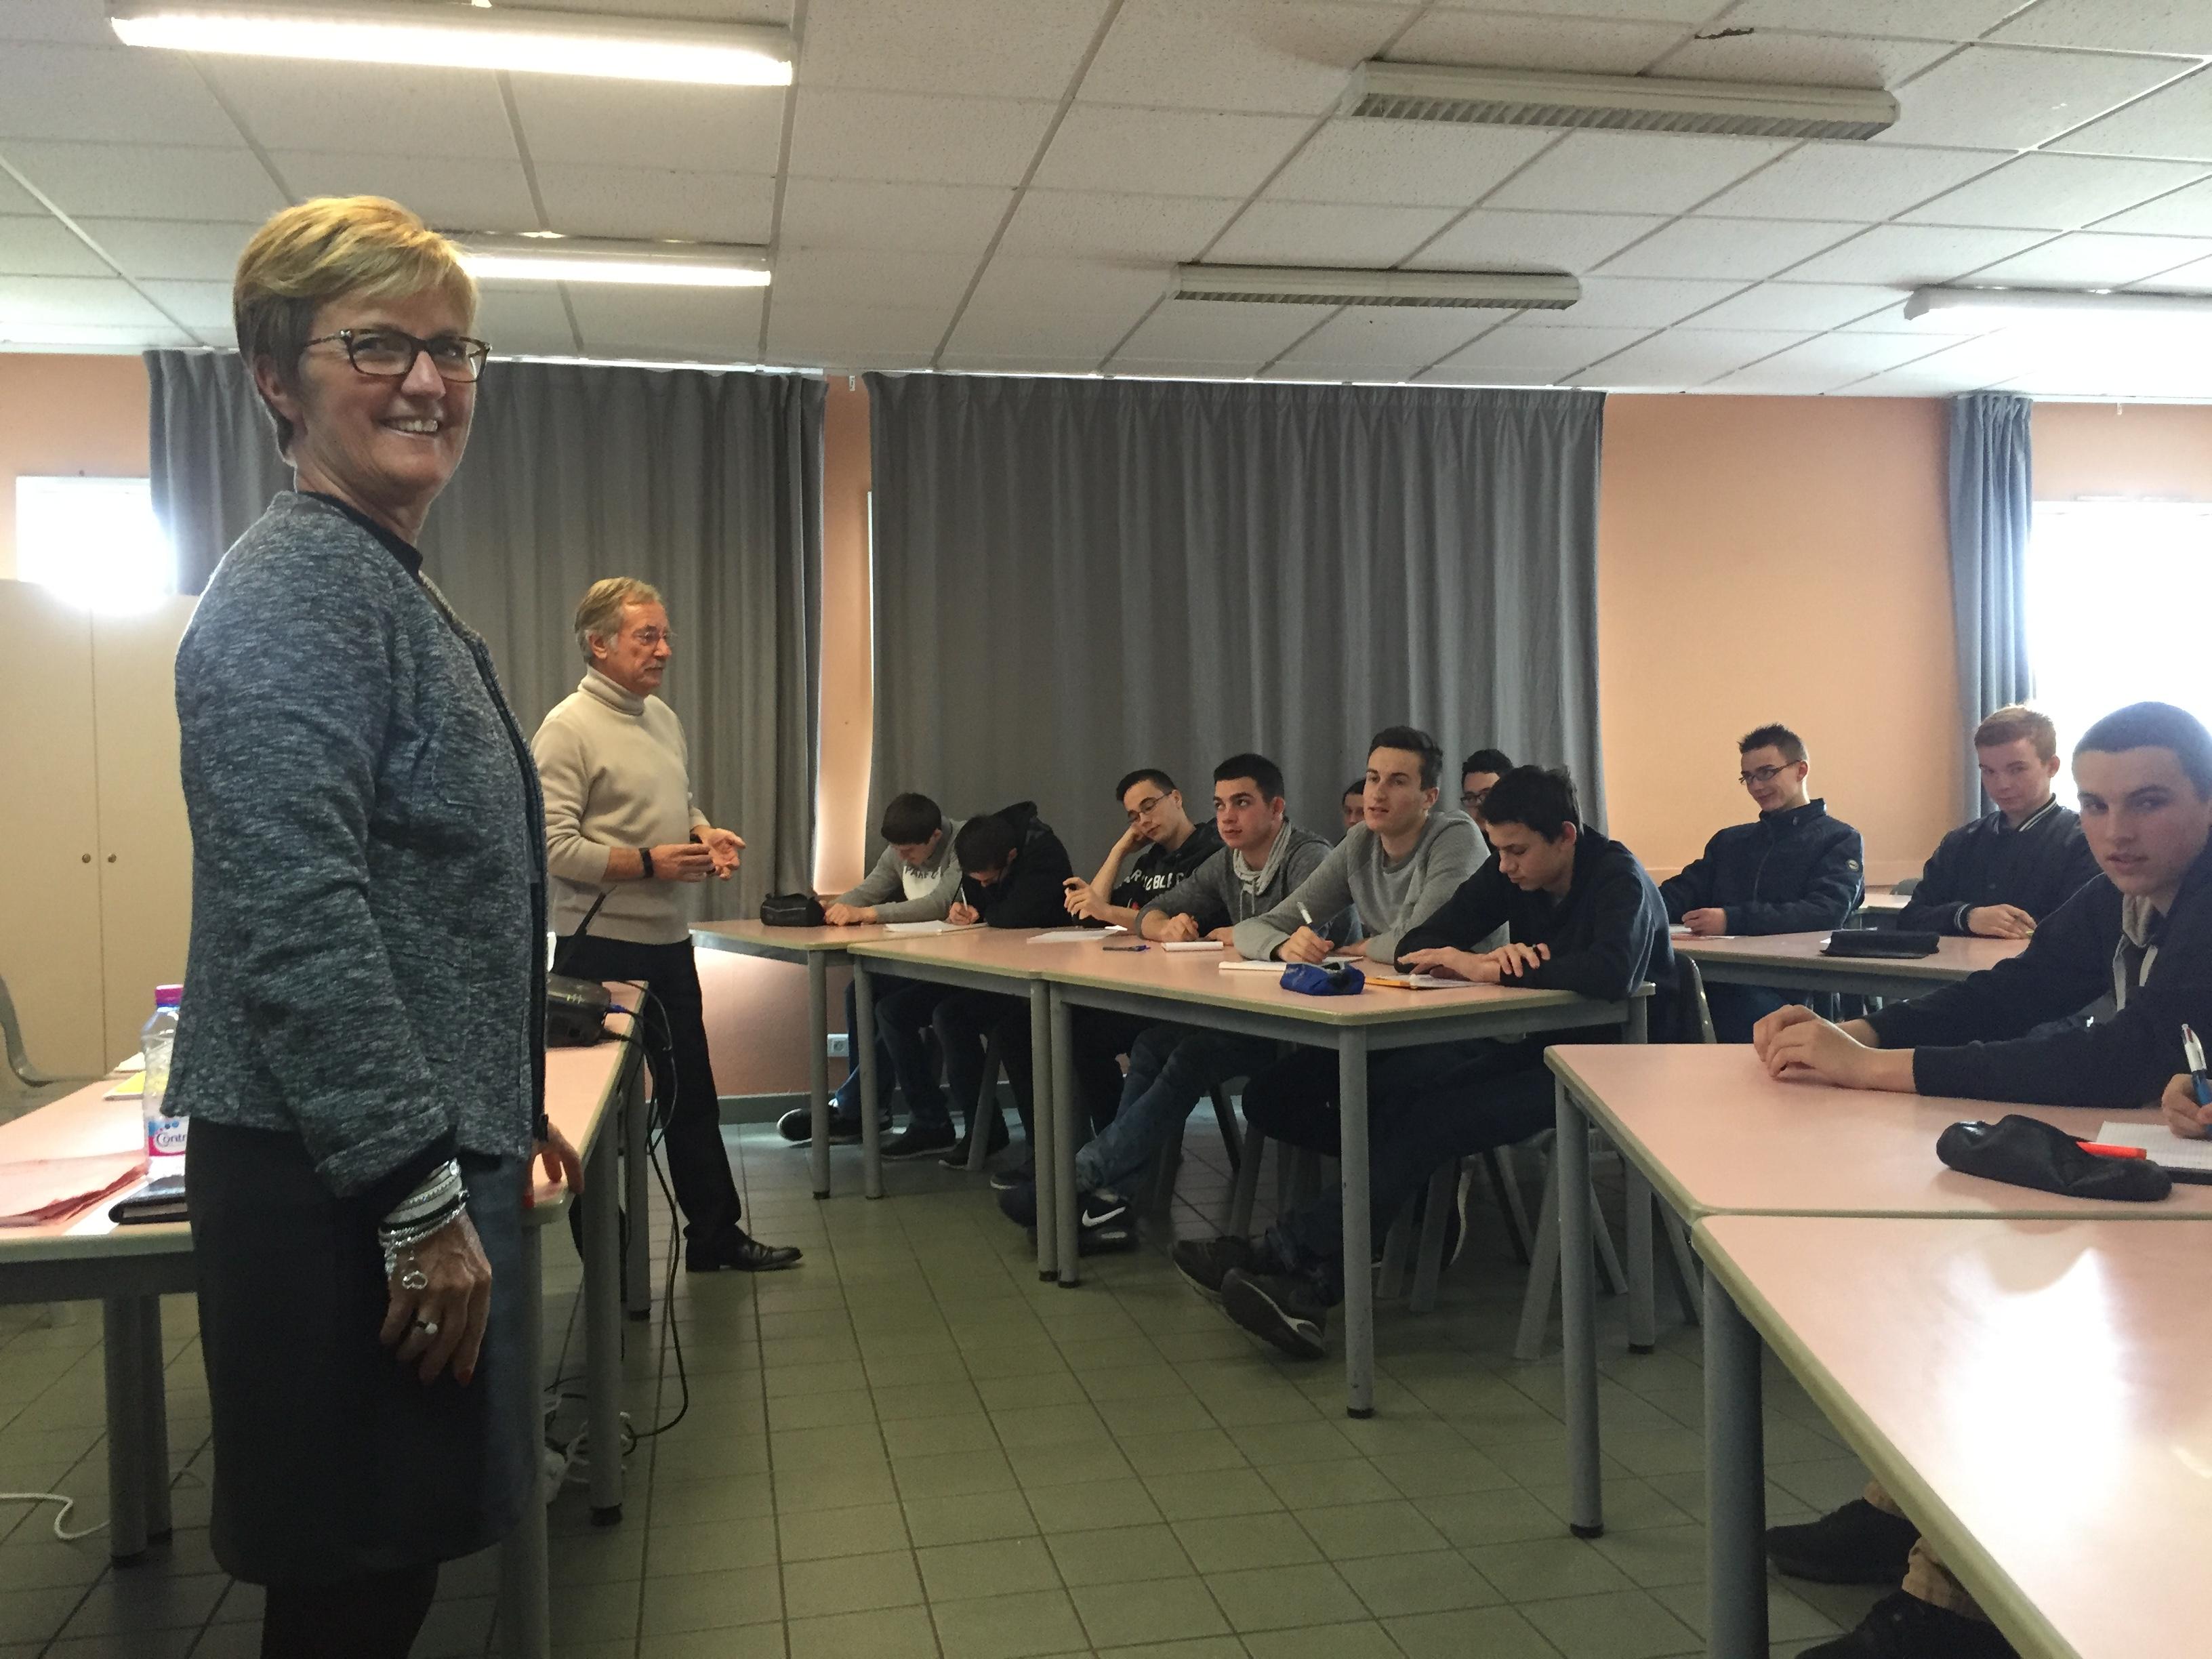 Journee D Une Preparation D Entretien Aux Etudiants De La Mfr Carquefou Par Des Membres De Competence Competence